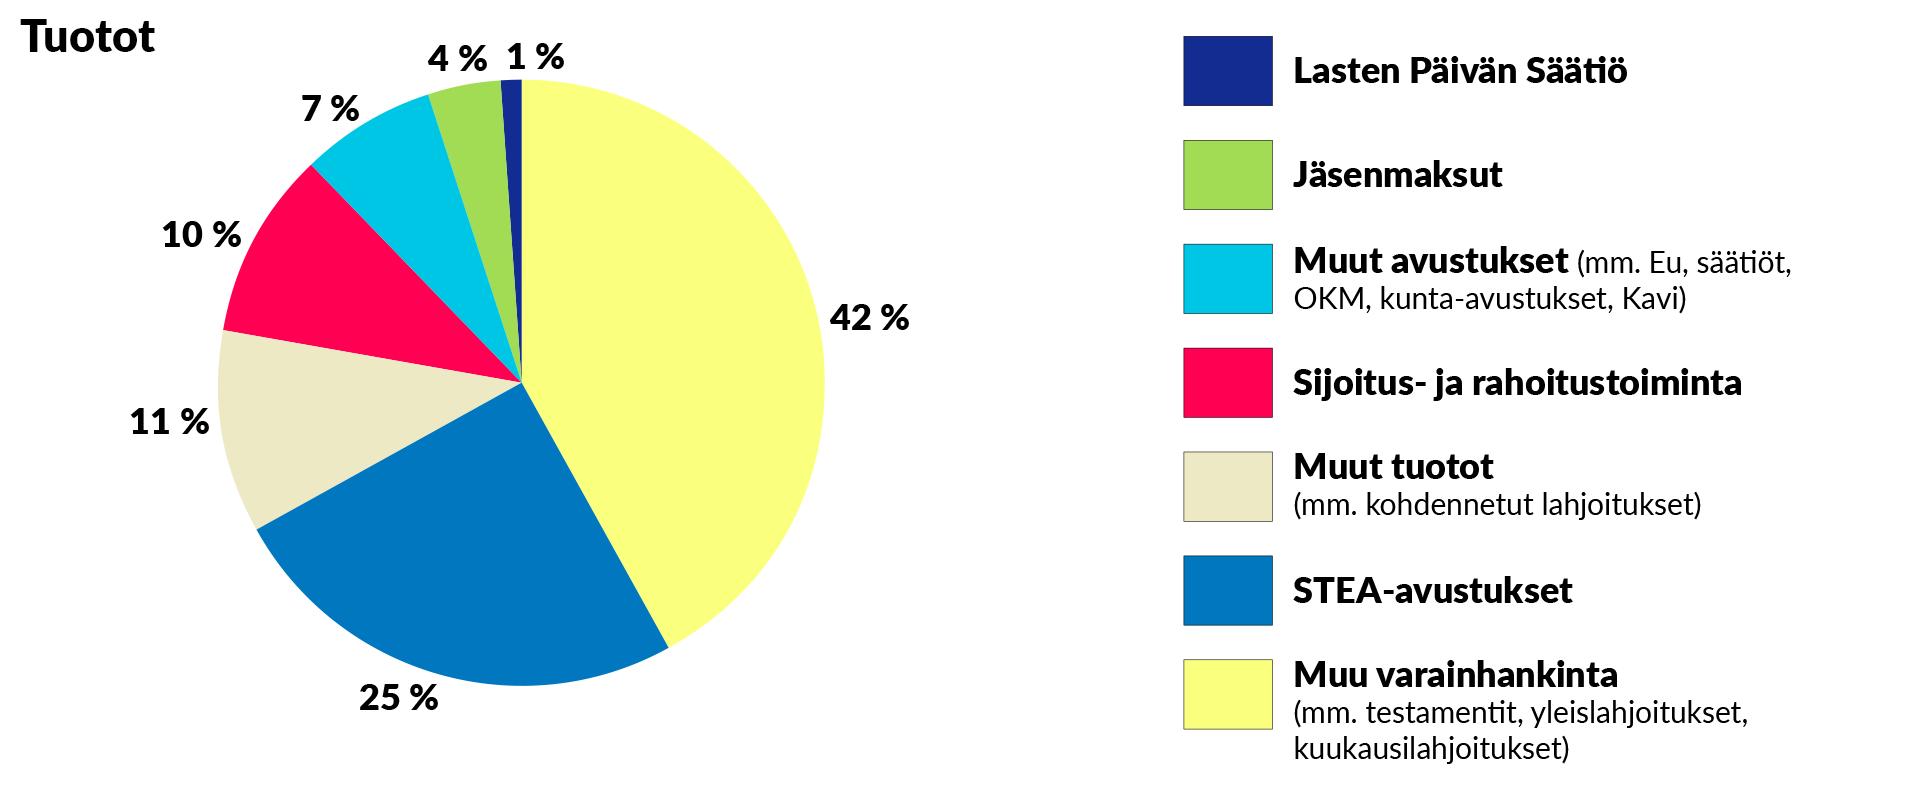 Tuotot-piirakkagraafi. Piirakan osuudet ovat seuraavat: Lasten Päivän Säätiö 1 %, jäsenmaksut 4 %, Muut avustukset (mm. Eu, säätiöt, OKM, kunta-avustukset, Kavi) 7 %, sijoitus- ja rahoitustoiminta 10 %, muut tuotot (mm. kohdennetut lahjoitukset) 11 %, Stea-avustukset 25 % ja muu varainhankita (mm. testamentit, yleislahjoitukset, kuukausilahjoitukset) 42 %.